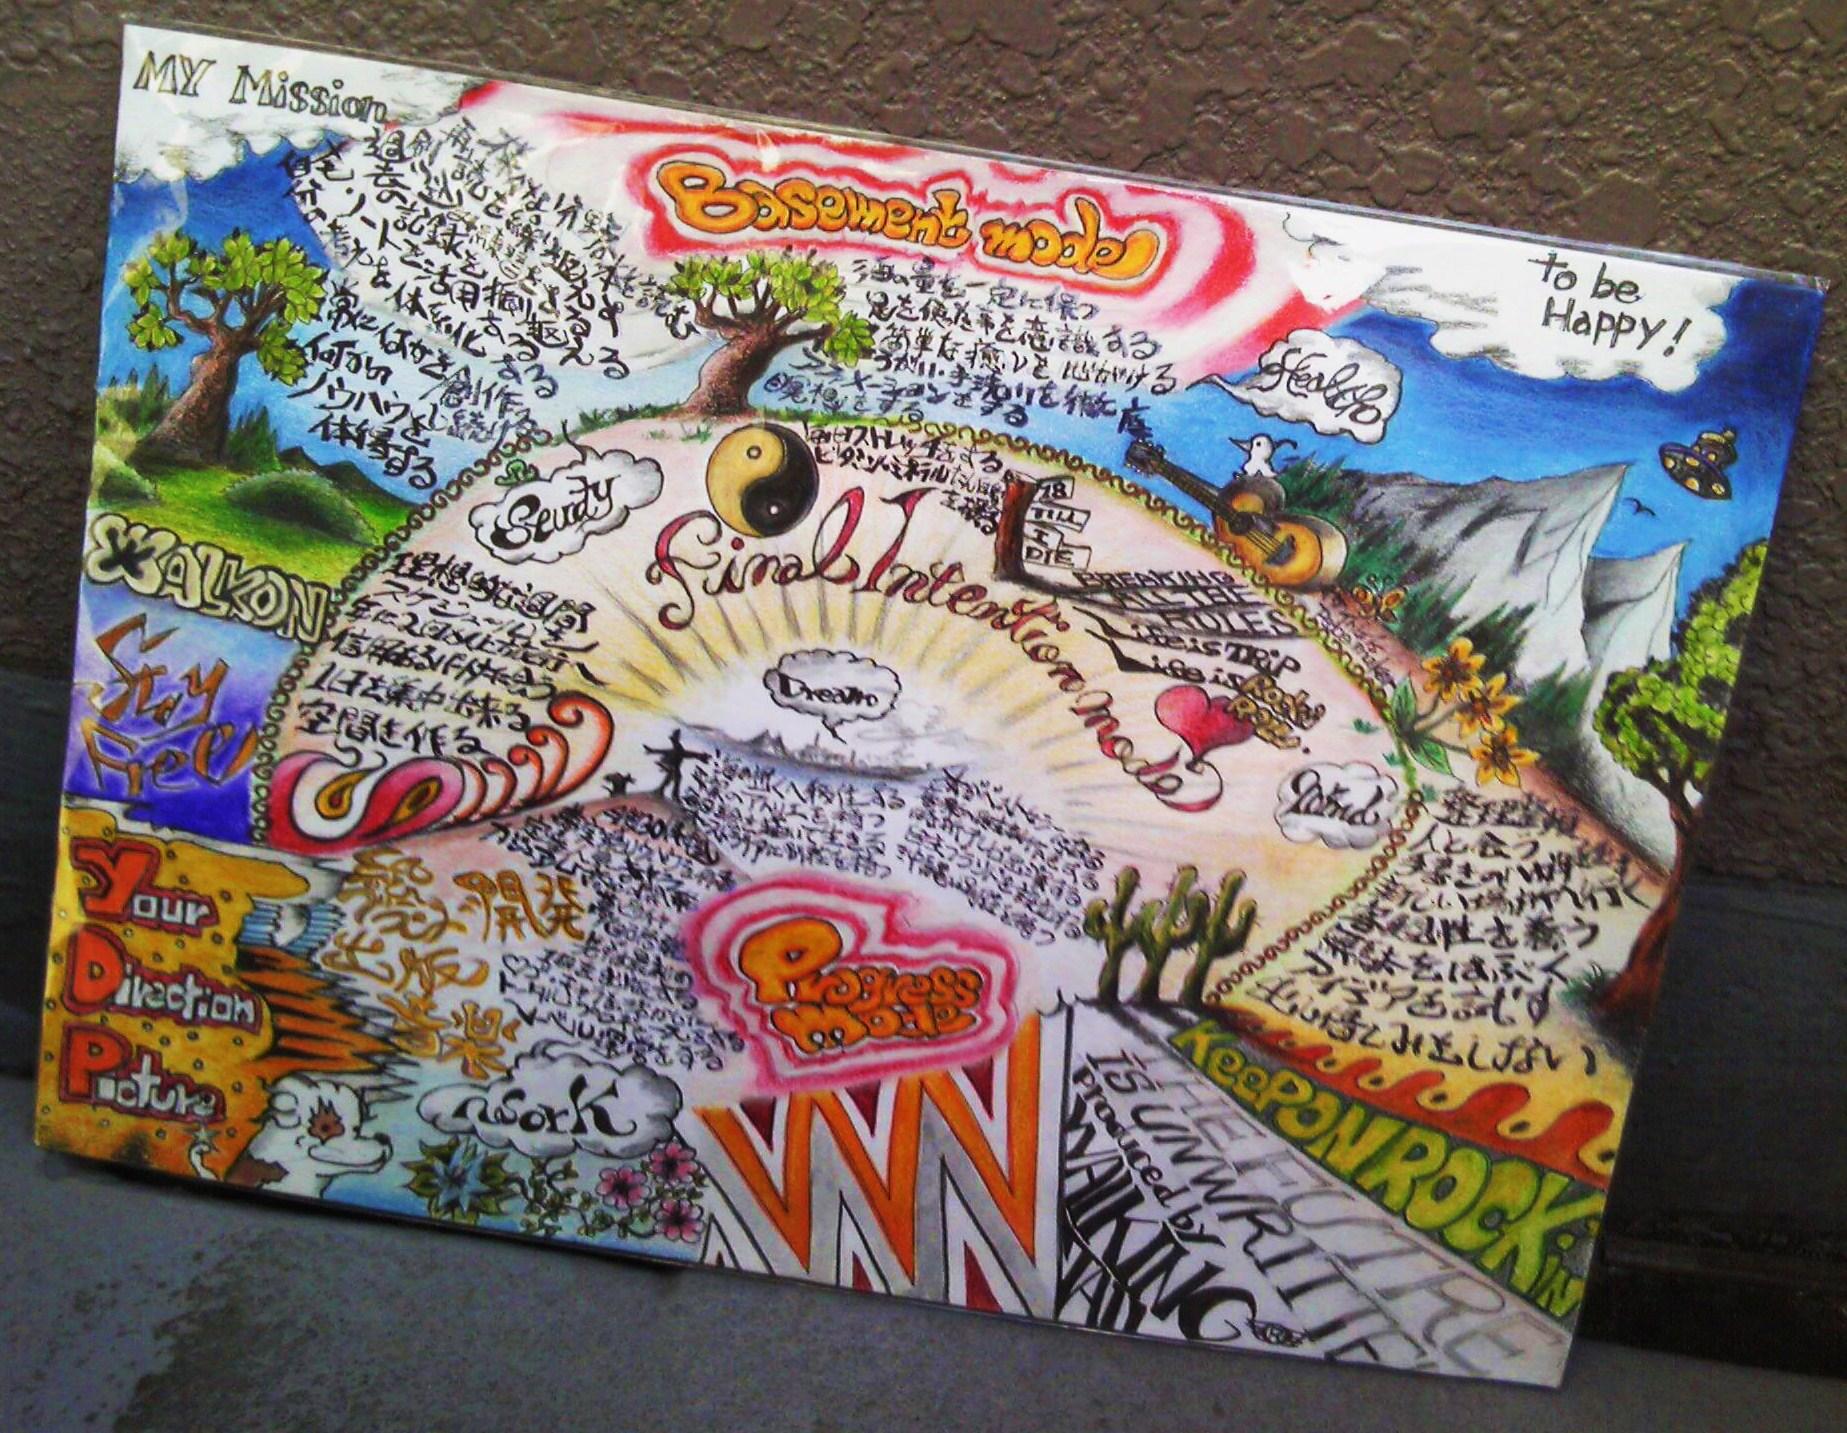 アナタの個人的な目標・クレド・スローガンを、一枚の絵にします。